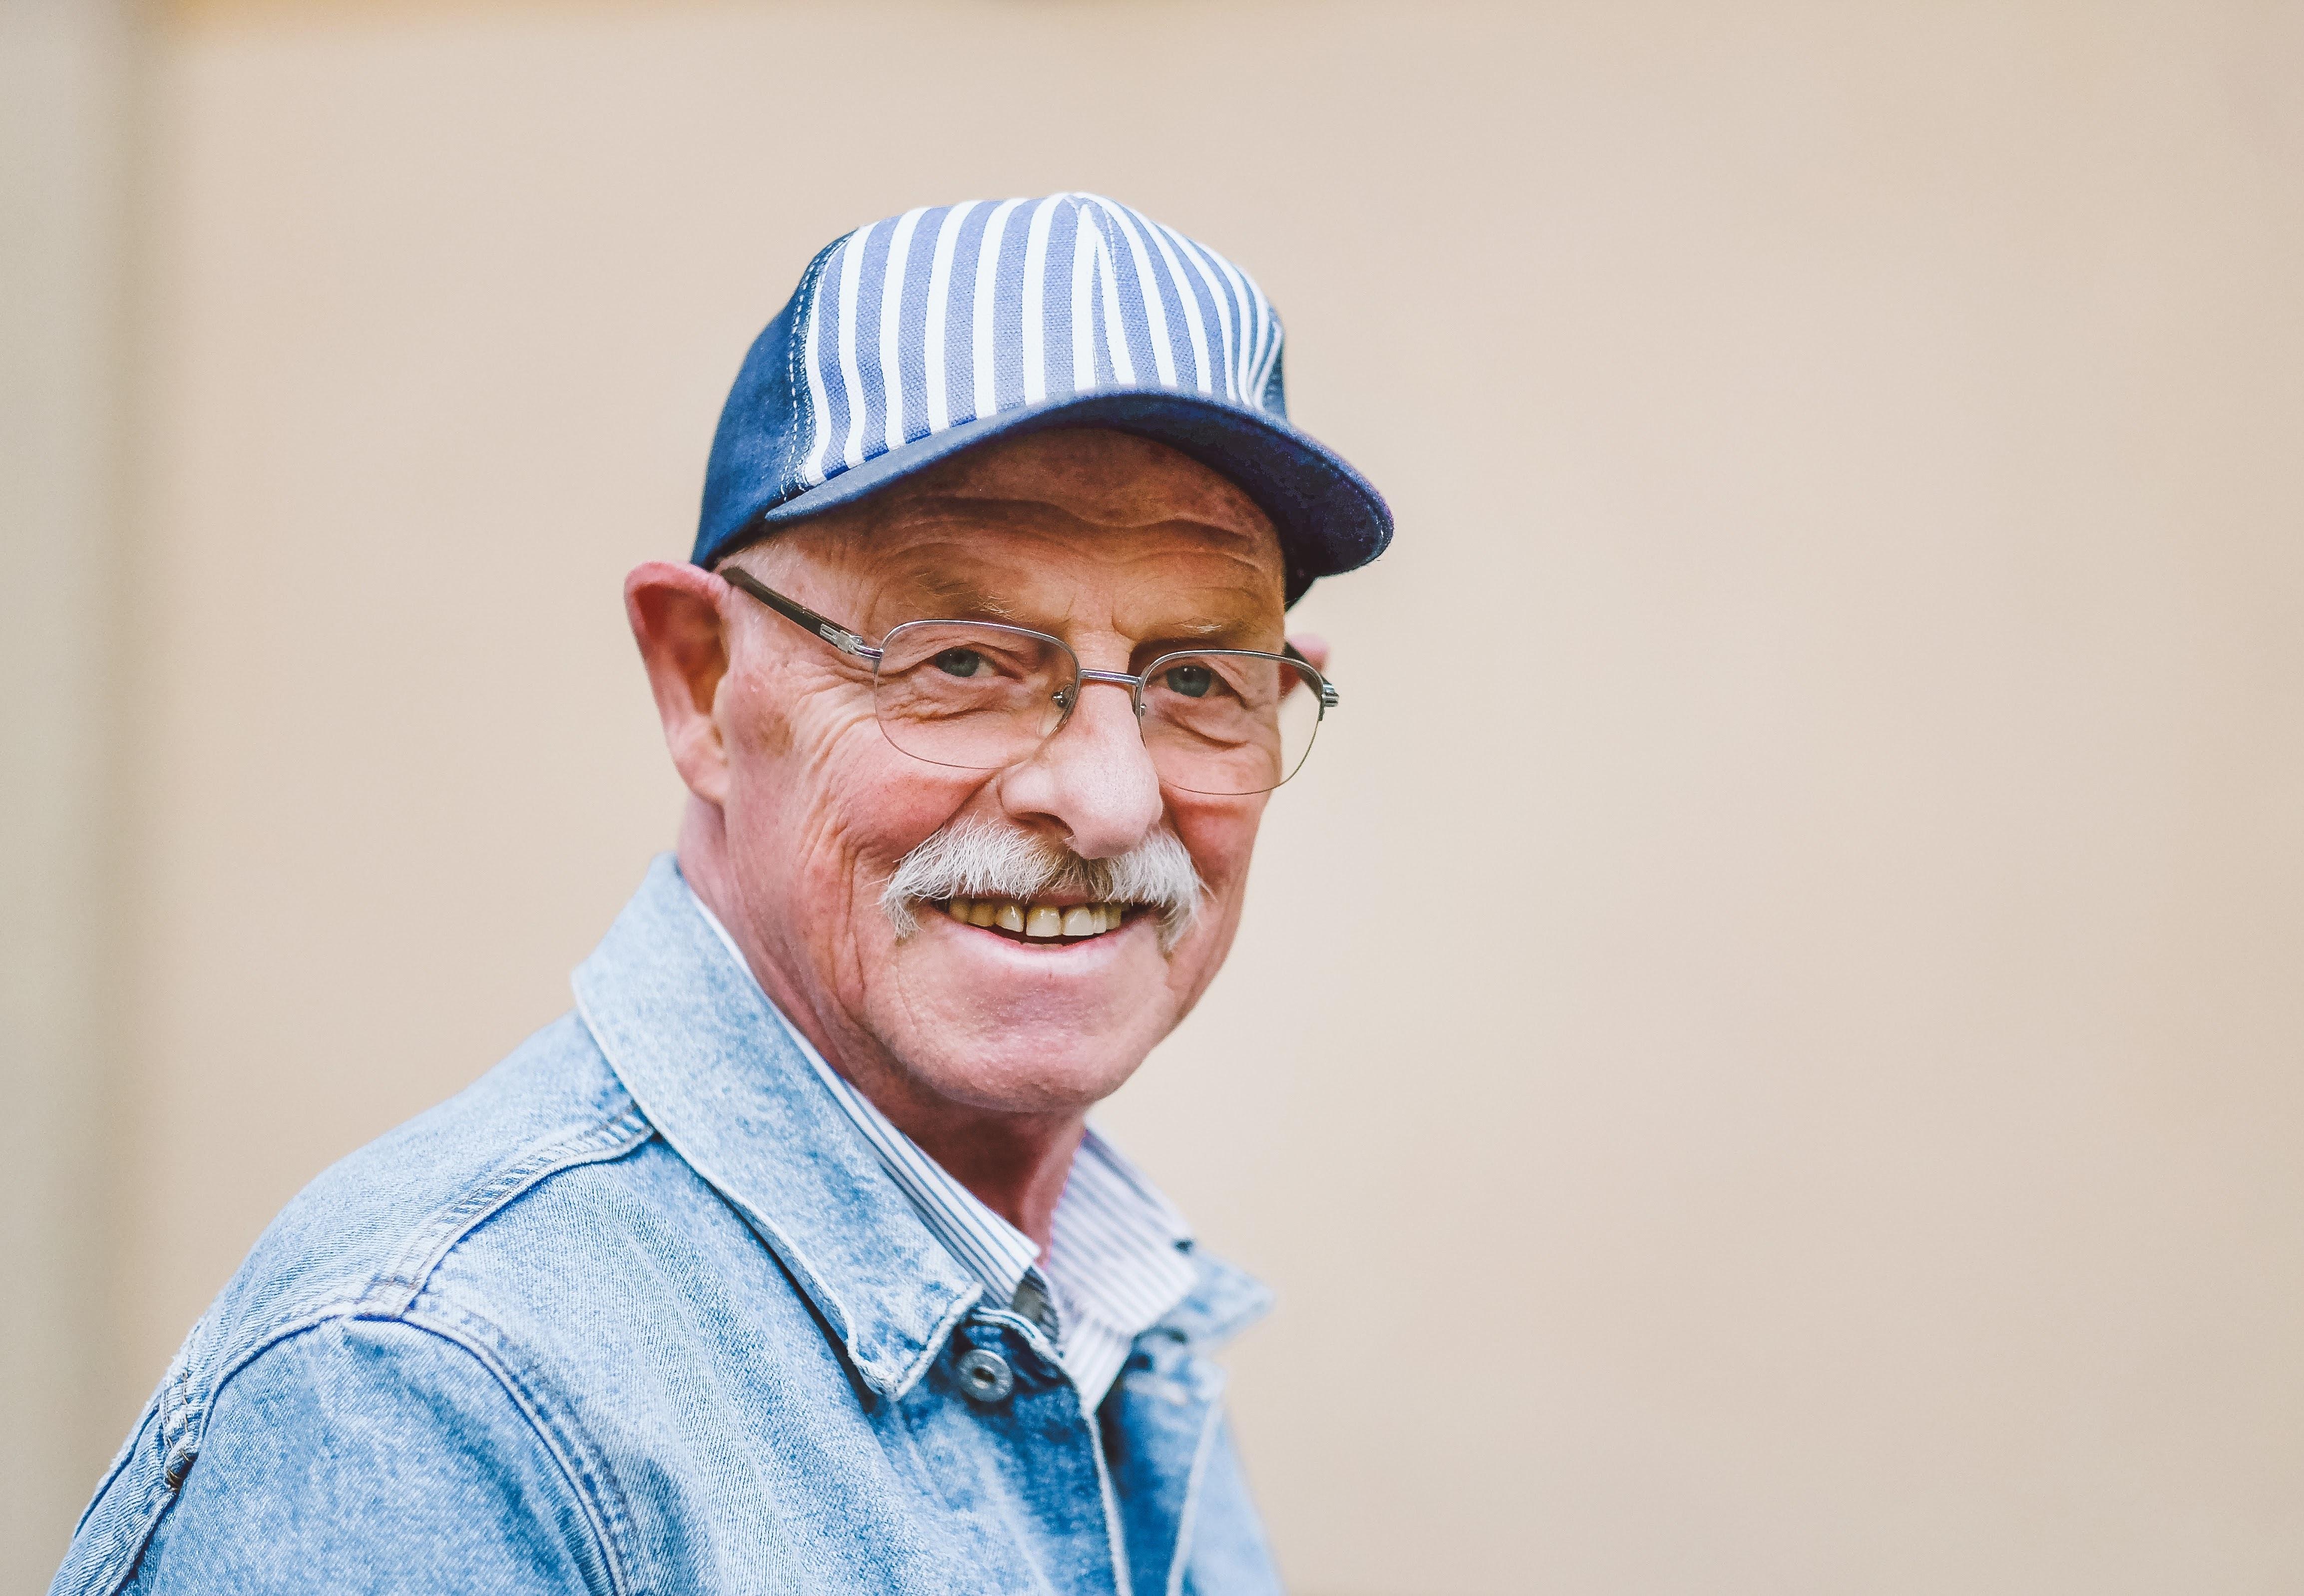 smiling man wearing blue denim collared top